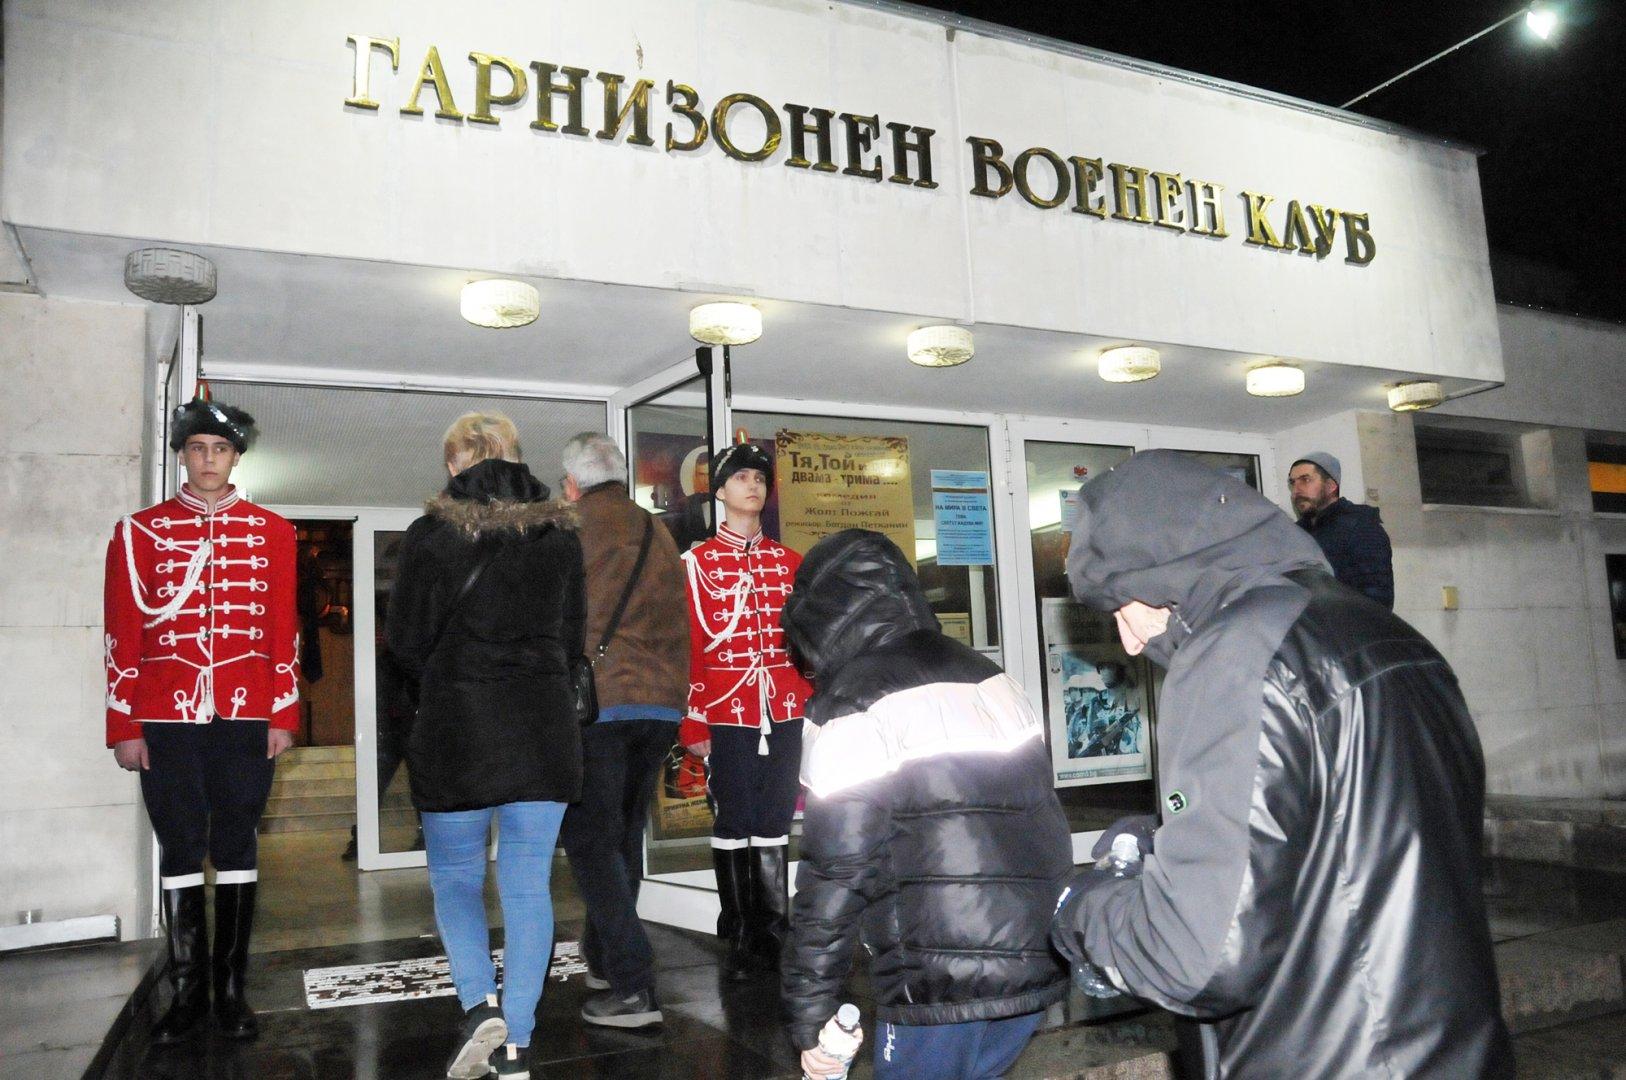 Гвардейци от ПГЕЕ Константин Фотинов посрещнаха снощи бургазлии, дошли да гледат театрален спектакъл в Гарнизонния военен клуб. Сред публиката бе и директорът на гимназията Коста Папазов. Снимки Лина Главинова